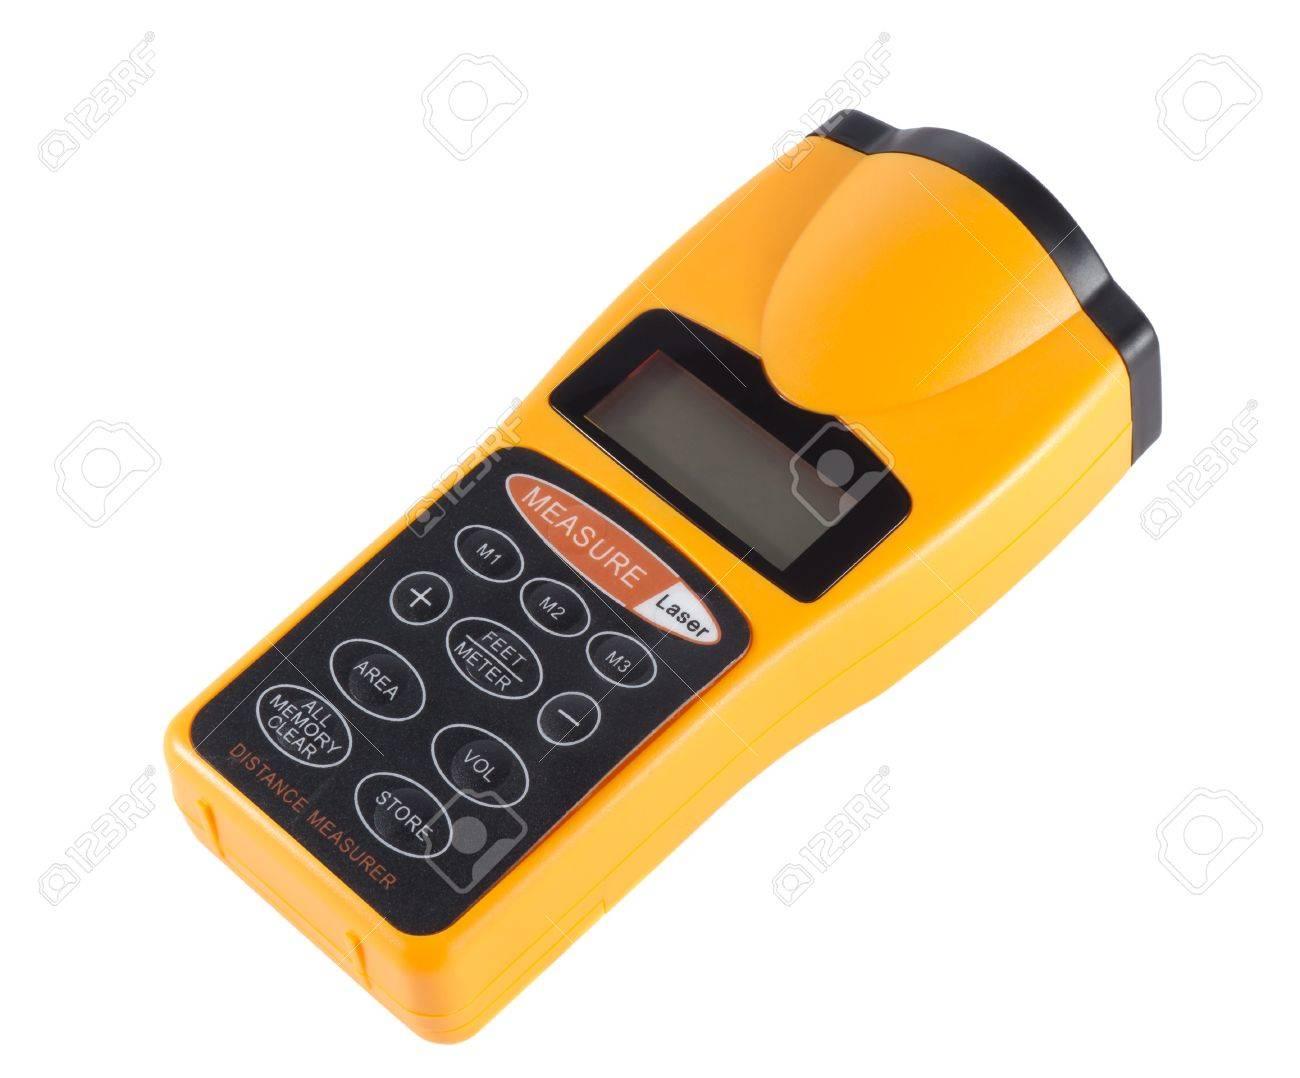 Entfernungsmesser Für Fotografie : Laser entfernungsmesser auf einem weißen hintergrund lizenzfreie